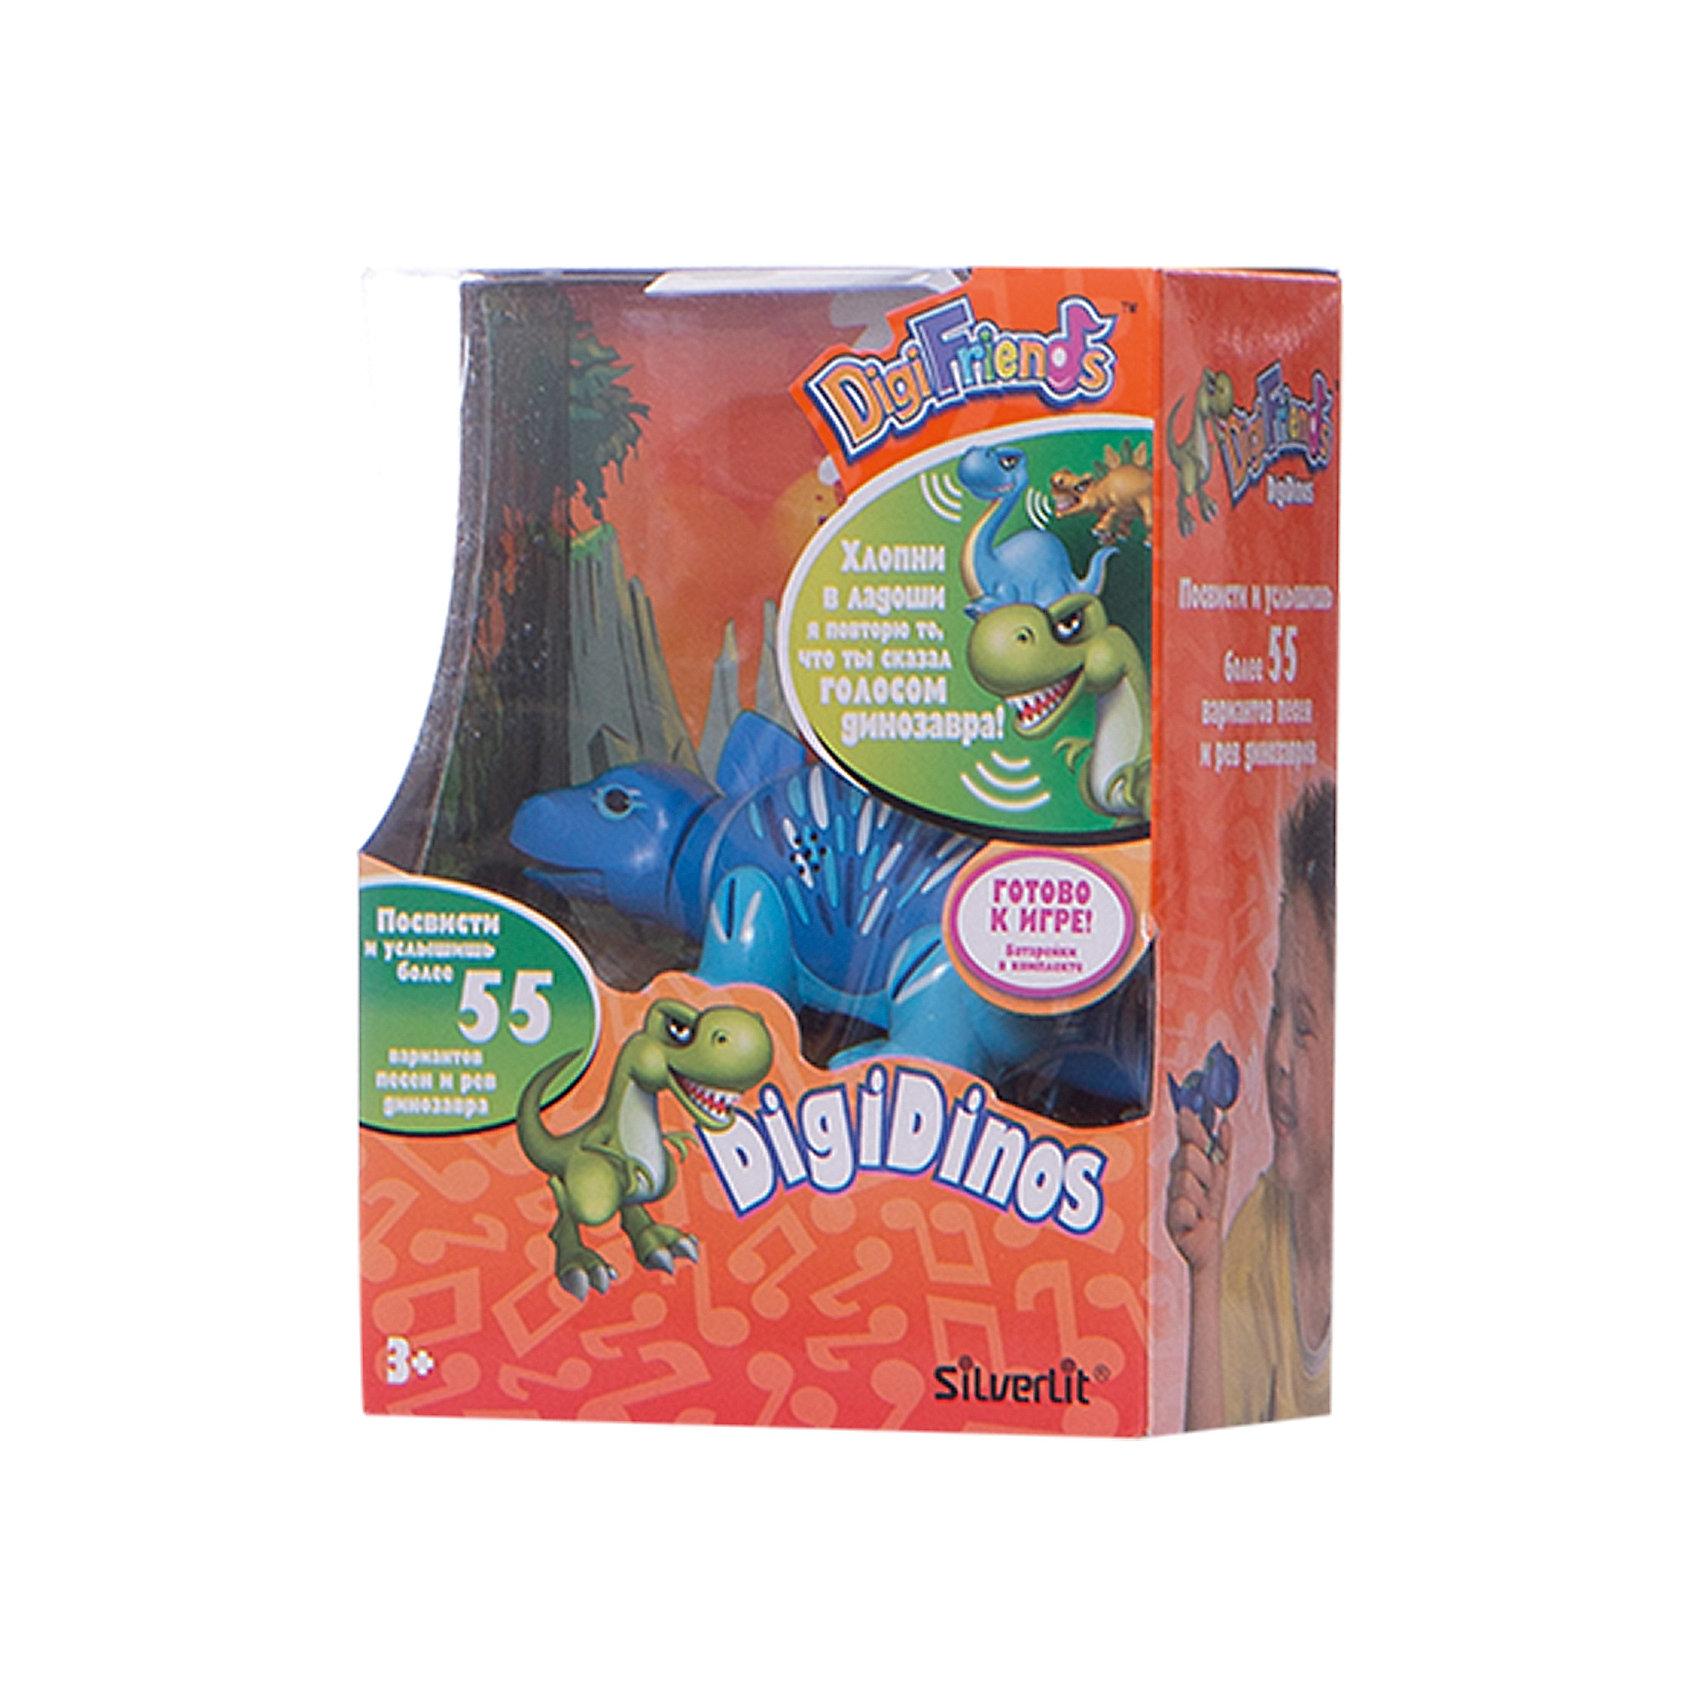 Динозавр Simon, синий с голубыми лапами, DigiBirdsИнтерактивные животные<br>Характеристики товара:<br><br>- цвет: синий;<br>- материал: пластик, металл;<br>- батарейки: 3xAG13/LR44, в комплекте;<br>- размер упаковки: 16x13x7 см;<br>- габариты игрушки: 6,5x10x15 см;<br>- умеет петь, рычать, шевелить головой и хвостом.<br><br>Такая игрушка в виде динозавра поможет ребенку весело проводить время - динозавр умеет петь, рычать, шевелить головой и хвостом. Это выглядит очень забавно! Игрушка реагирует на звук от специального свистка, который входит в комплект. Также можно приобрести другие игрушки из этой серии - тогда они будут петь хором!<br>Динозавр способен помогать всестороннему развитию ребенка: развивать тактильное восприятие, мелкую моторику, воображение, внимание и логику. Изделие произведено из качественных материалов, безопасных для ребенка. Набор станет отличным подарком детям!<br><br>Динозавр Simon, синий с голубыми лапами, от бренда DigiBirds можно купить в нашем интернет-магазине.<br><br>Ширина мм: 115<br>Глубина мм: 15<br>Высота мм: 62<br>Вес г: 128<br>Возраст от месяцев: 36<br>Возраст до месяцев: 84<br>Пол: Унисекс<br>Возраст: Детский<br>SKU: 5138203